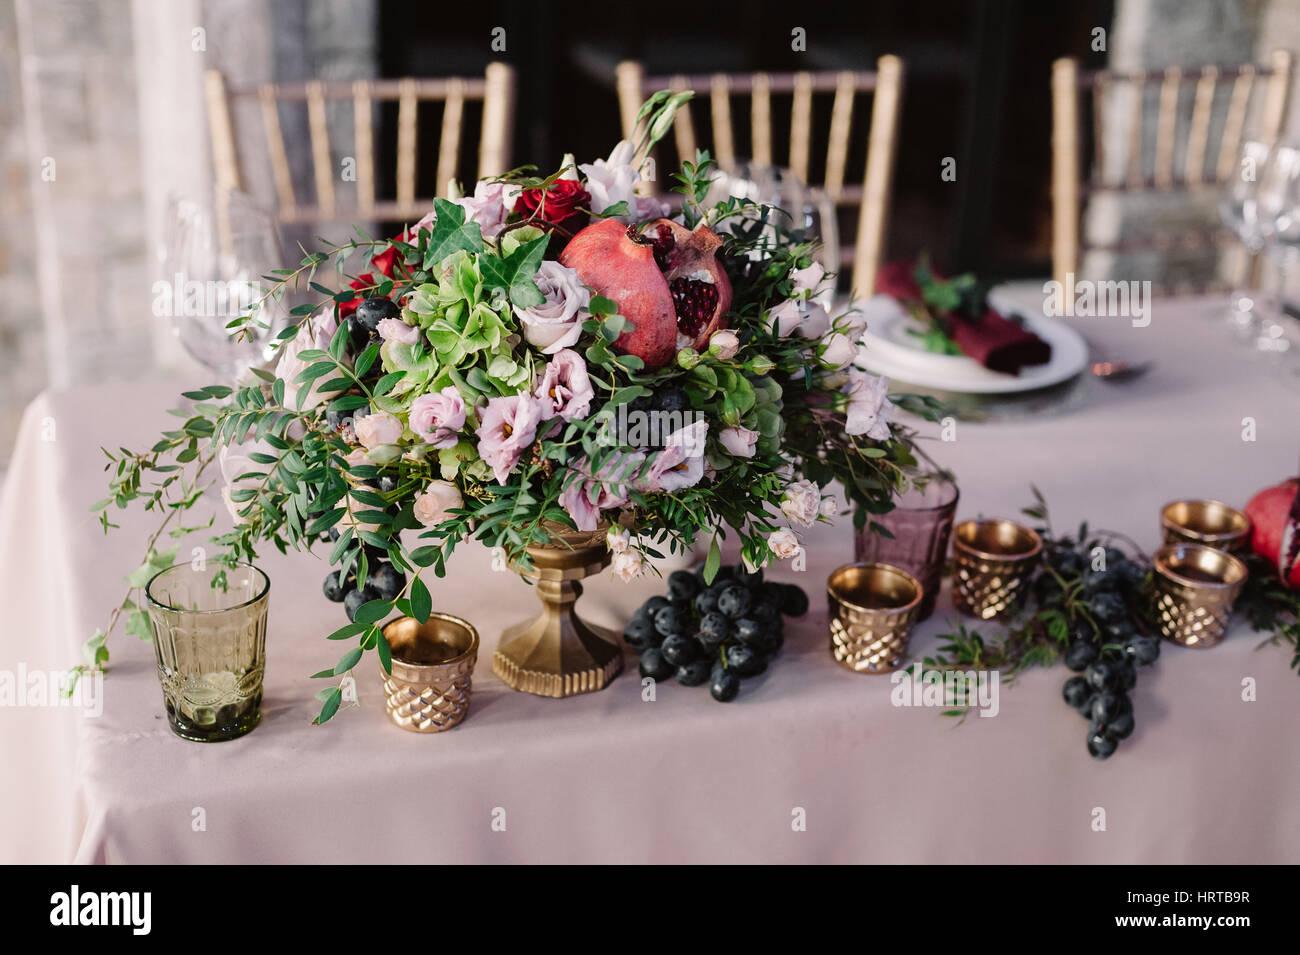 Hochzeit Tischdekoration Mit Rosa Blumen Kerzen Granatapfel Und